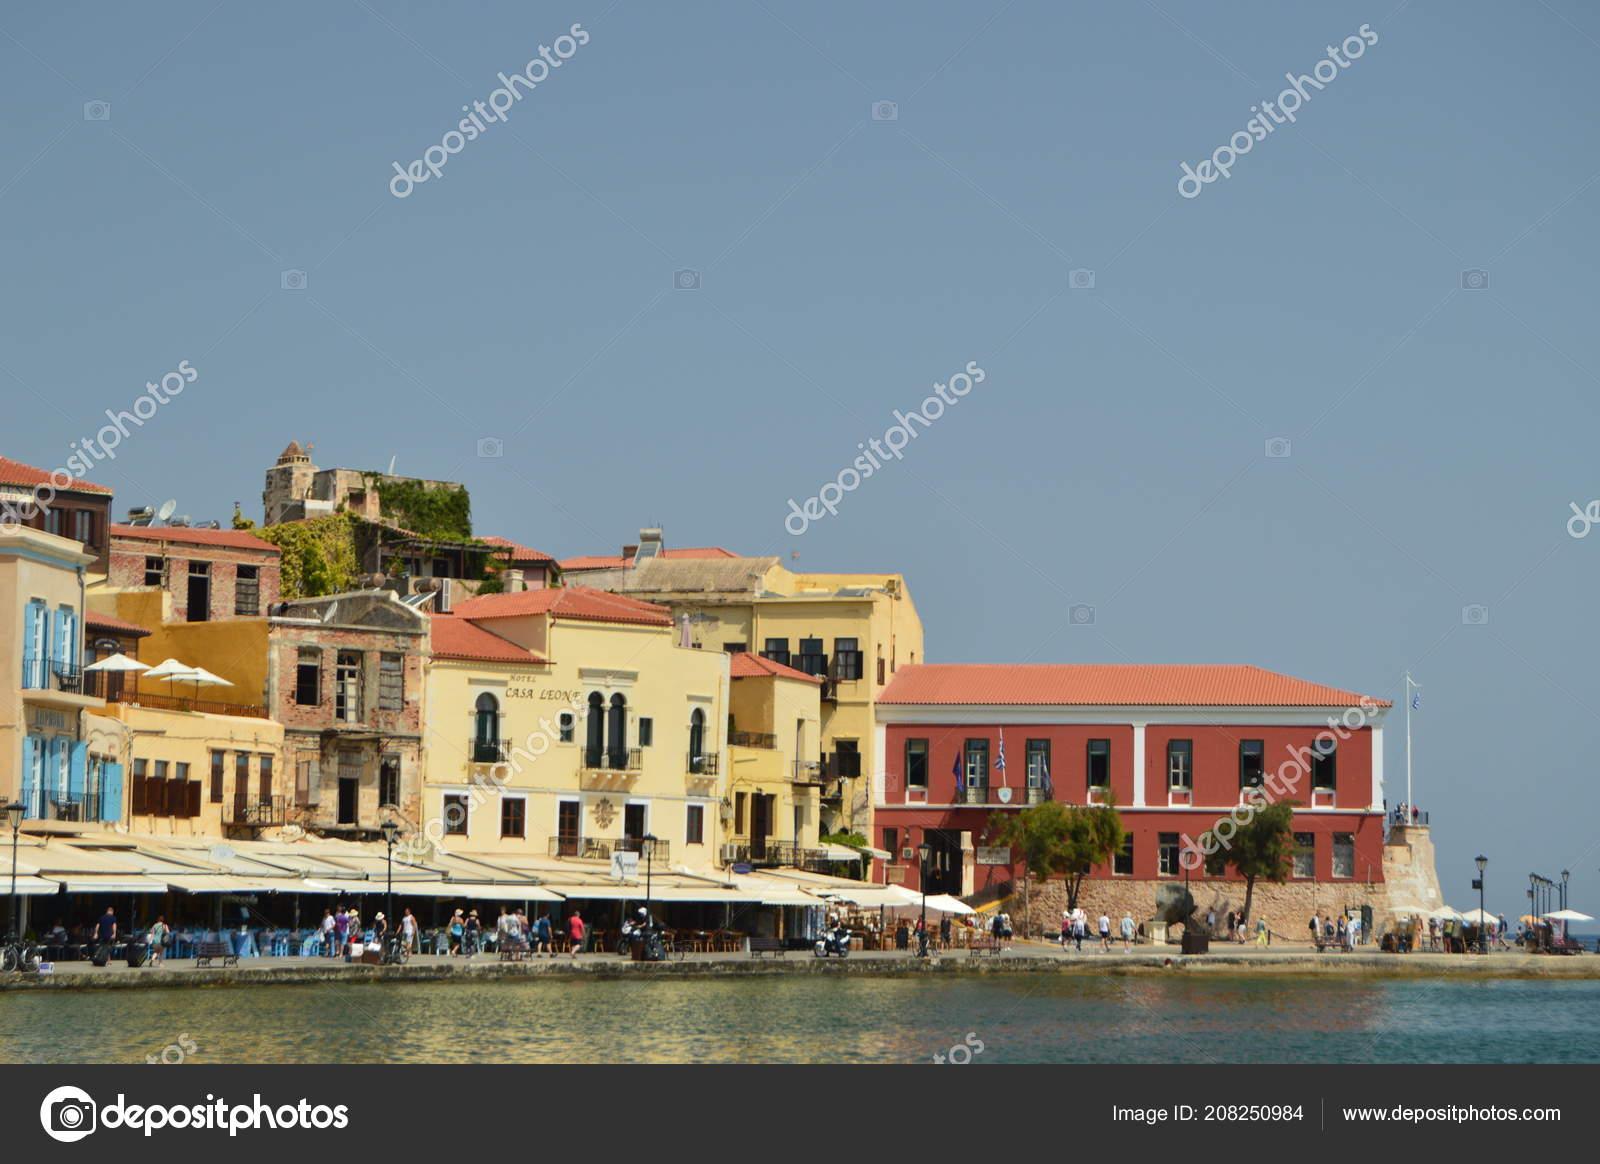 Restaurants In Huizen : Haven van chania met haar prachtige venetiaanse stijl huizen